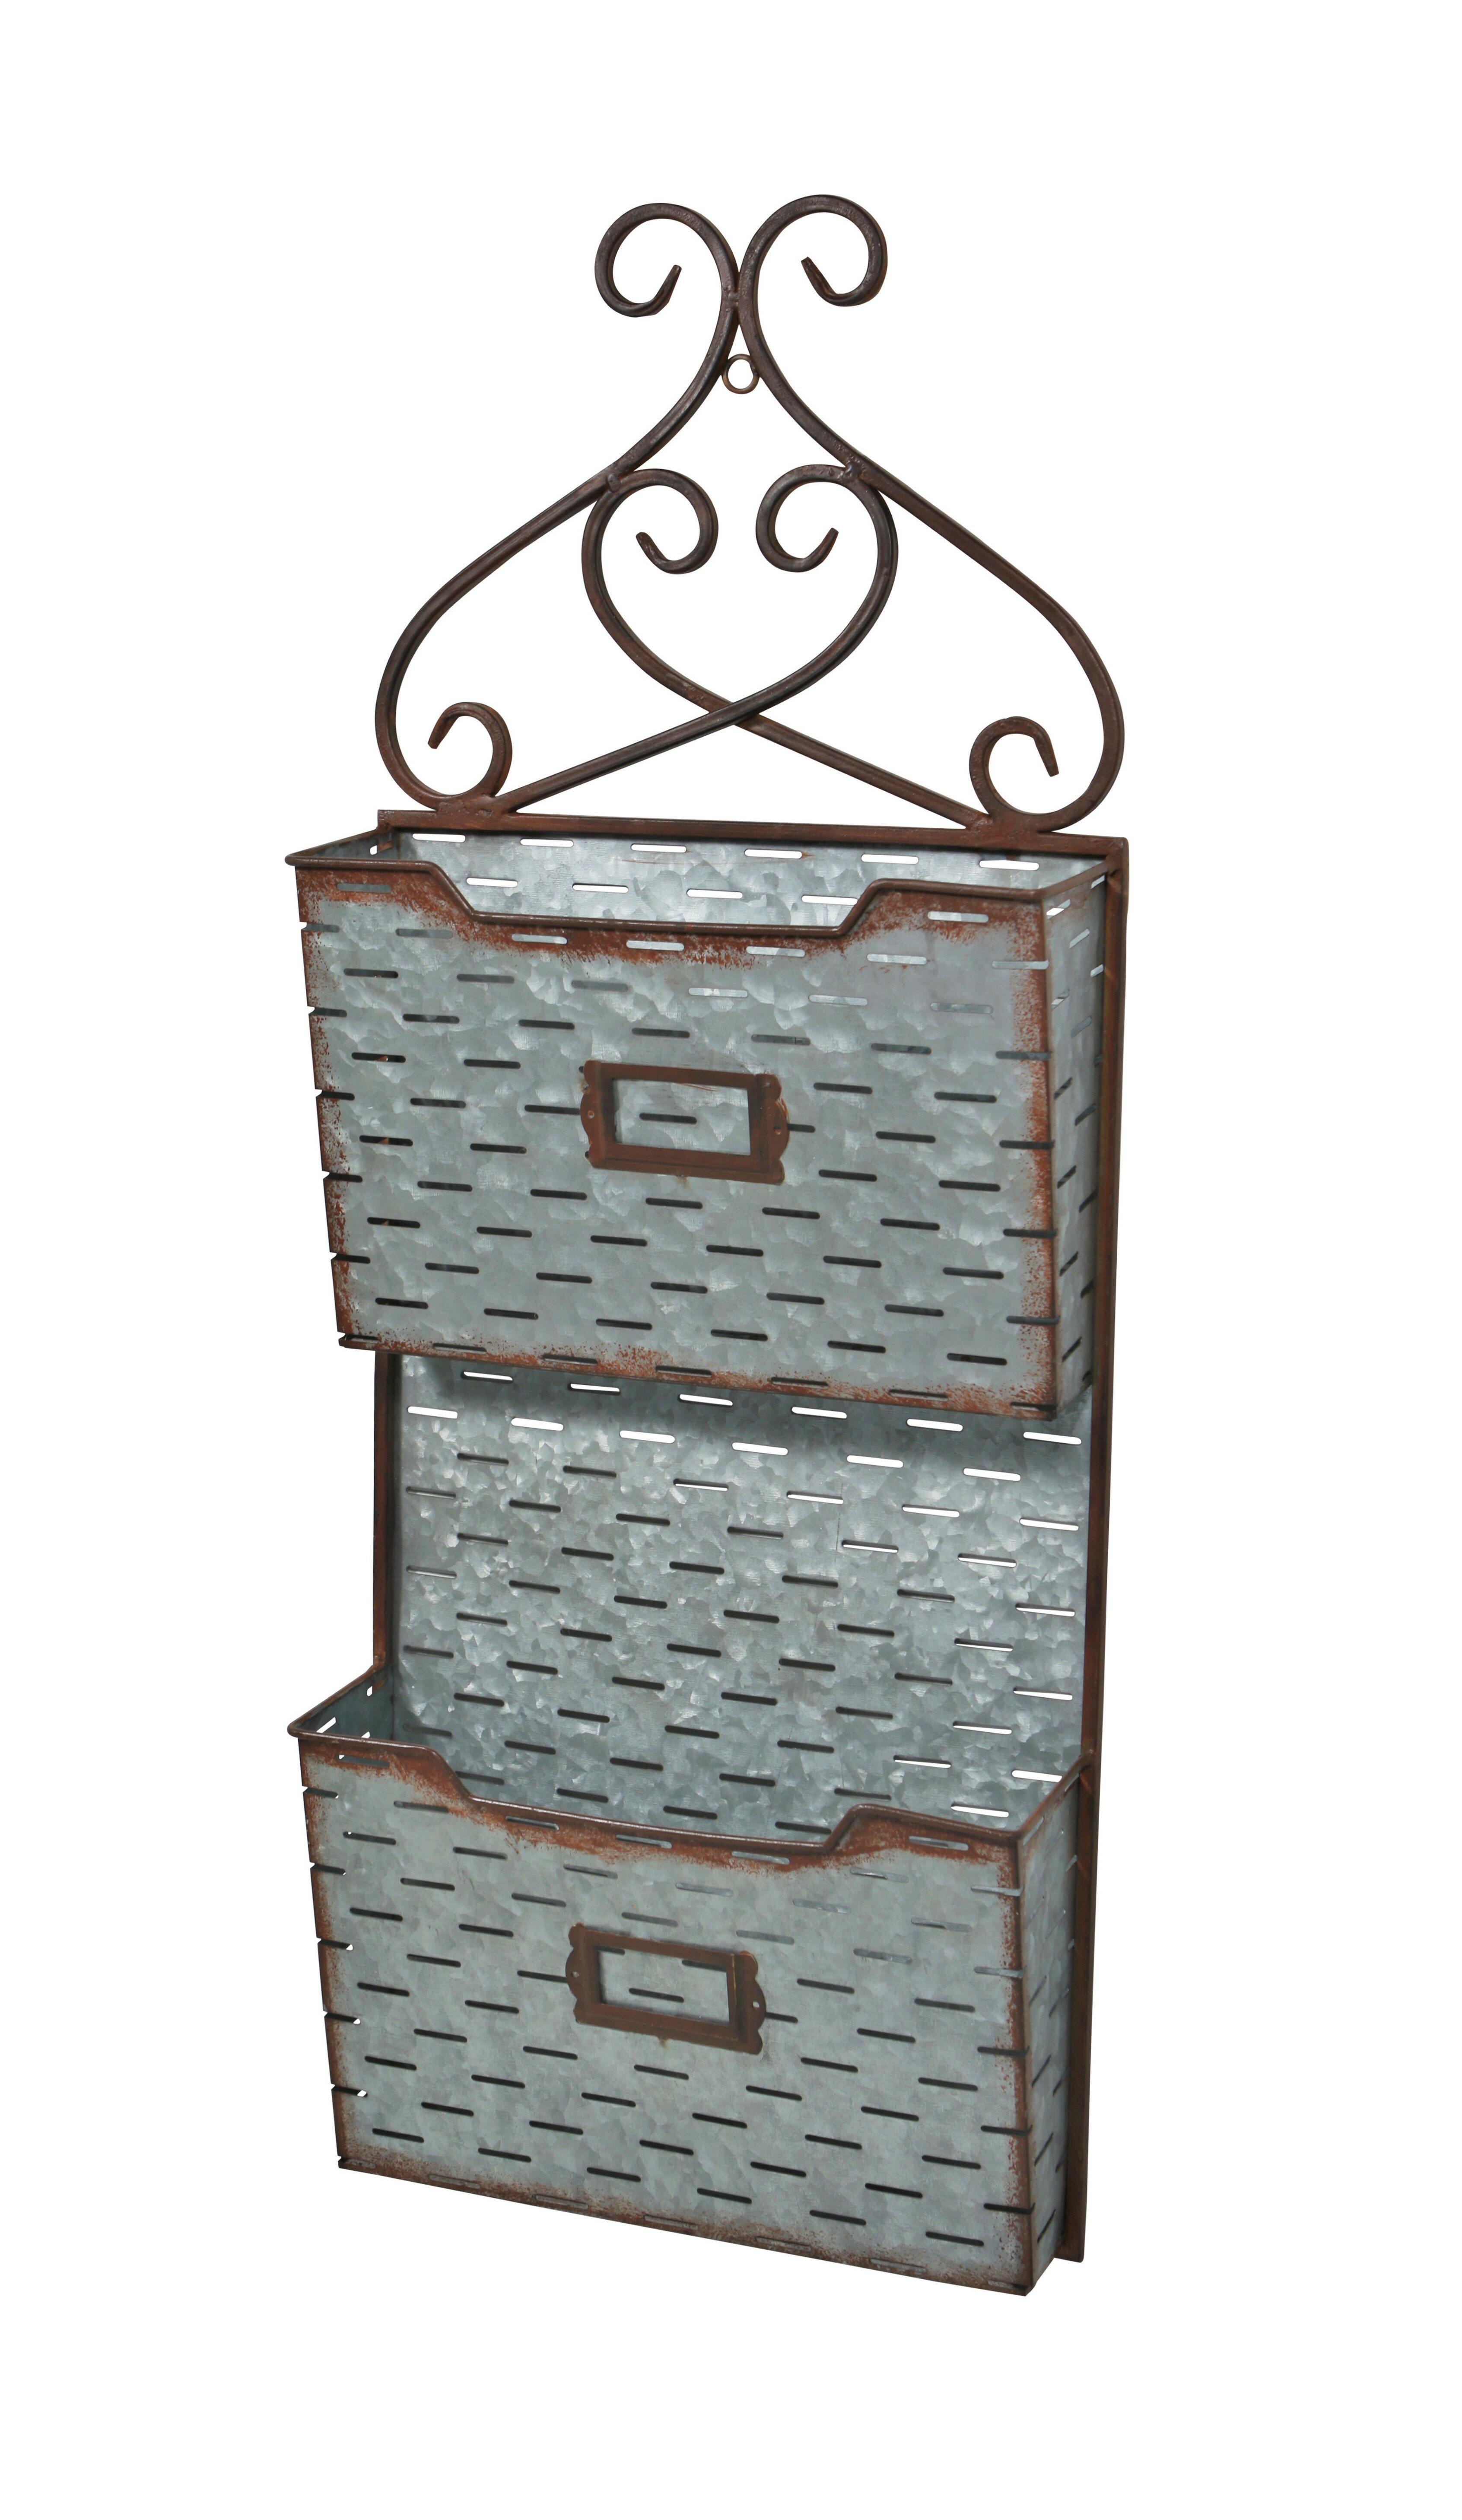 Gracie Oaks Prewitt 2 Tier Slatted Wall Organizer With Mail Storage Reviews Wayfair